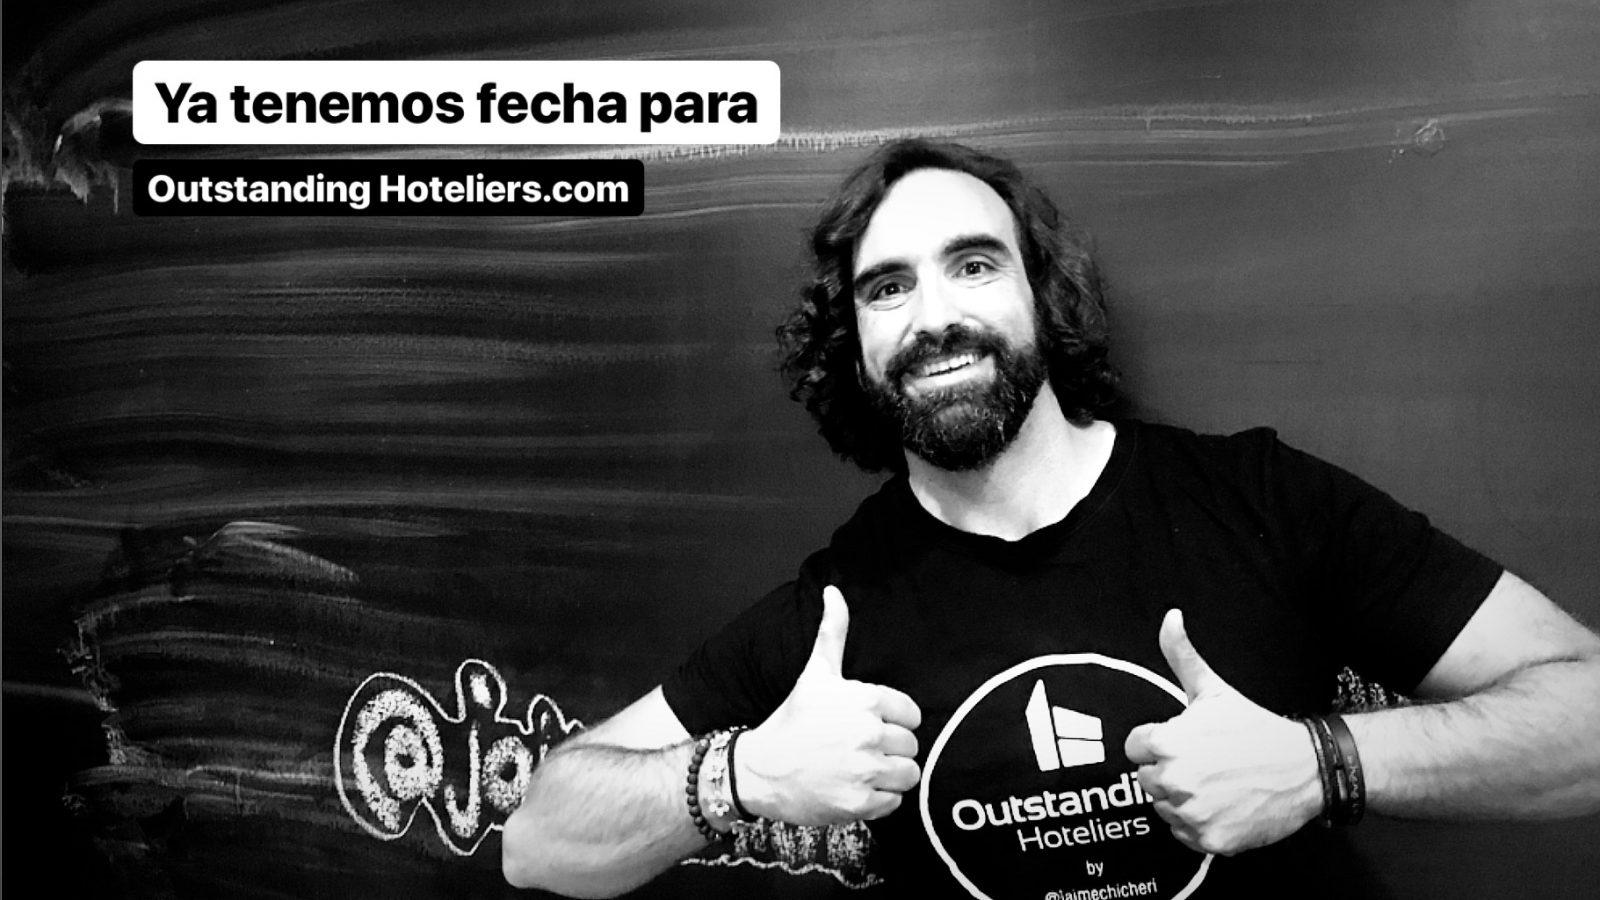 Ya tenemos fecha para la segunda edición de OutstandingHoteliers.com